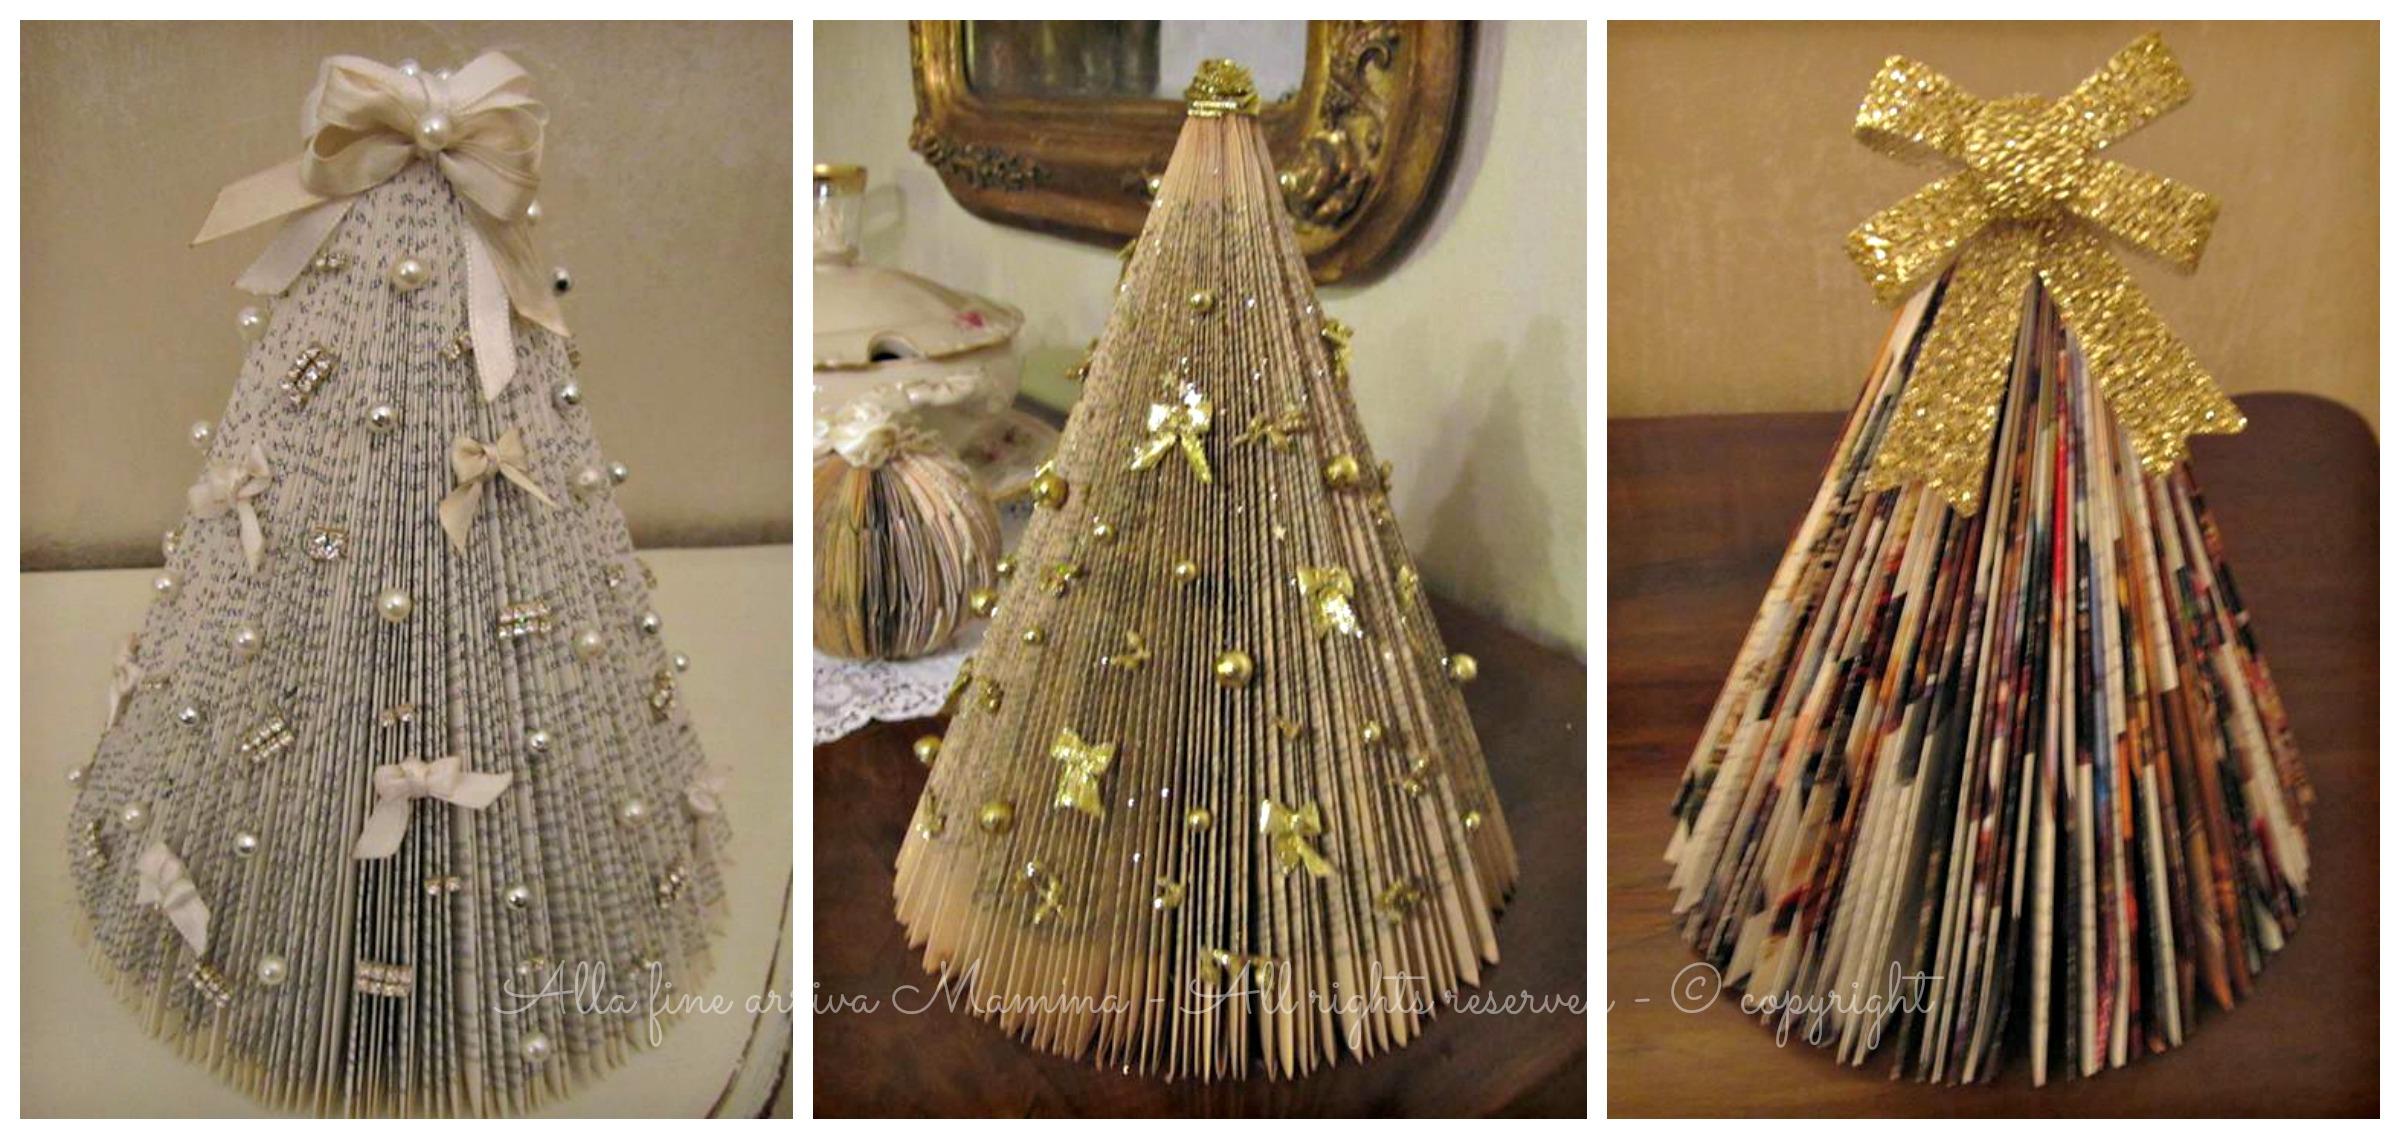 Albero natale di carta fai da te ed ecologico - Decorazioni natalizie albero fai da te ...